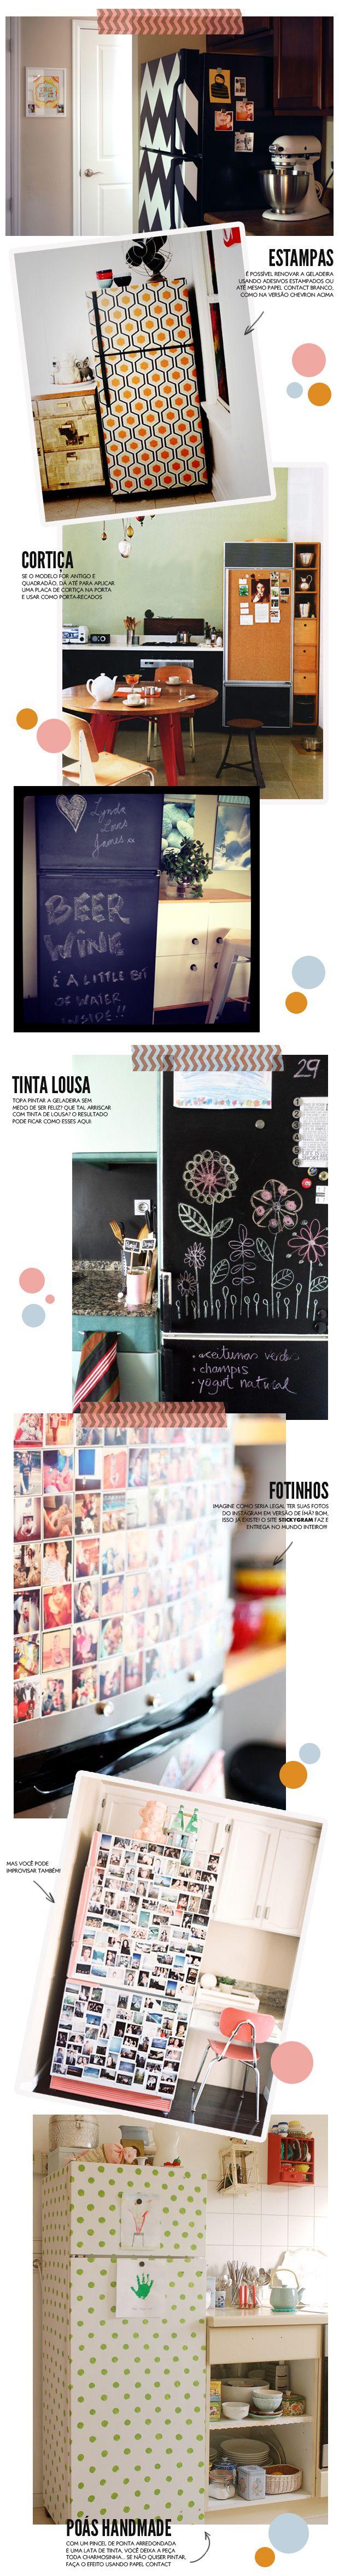 GELADEIRA VELHA? Várias maneiras criativas de deixar a eladeira com cara de nova! http://colunas.revistaglamour.globo.com/referans/2013/05/29/geladeira-velha/